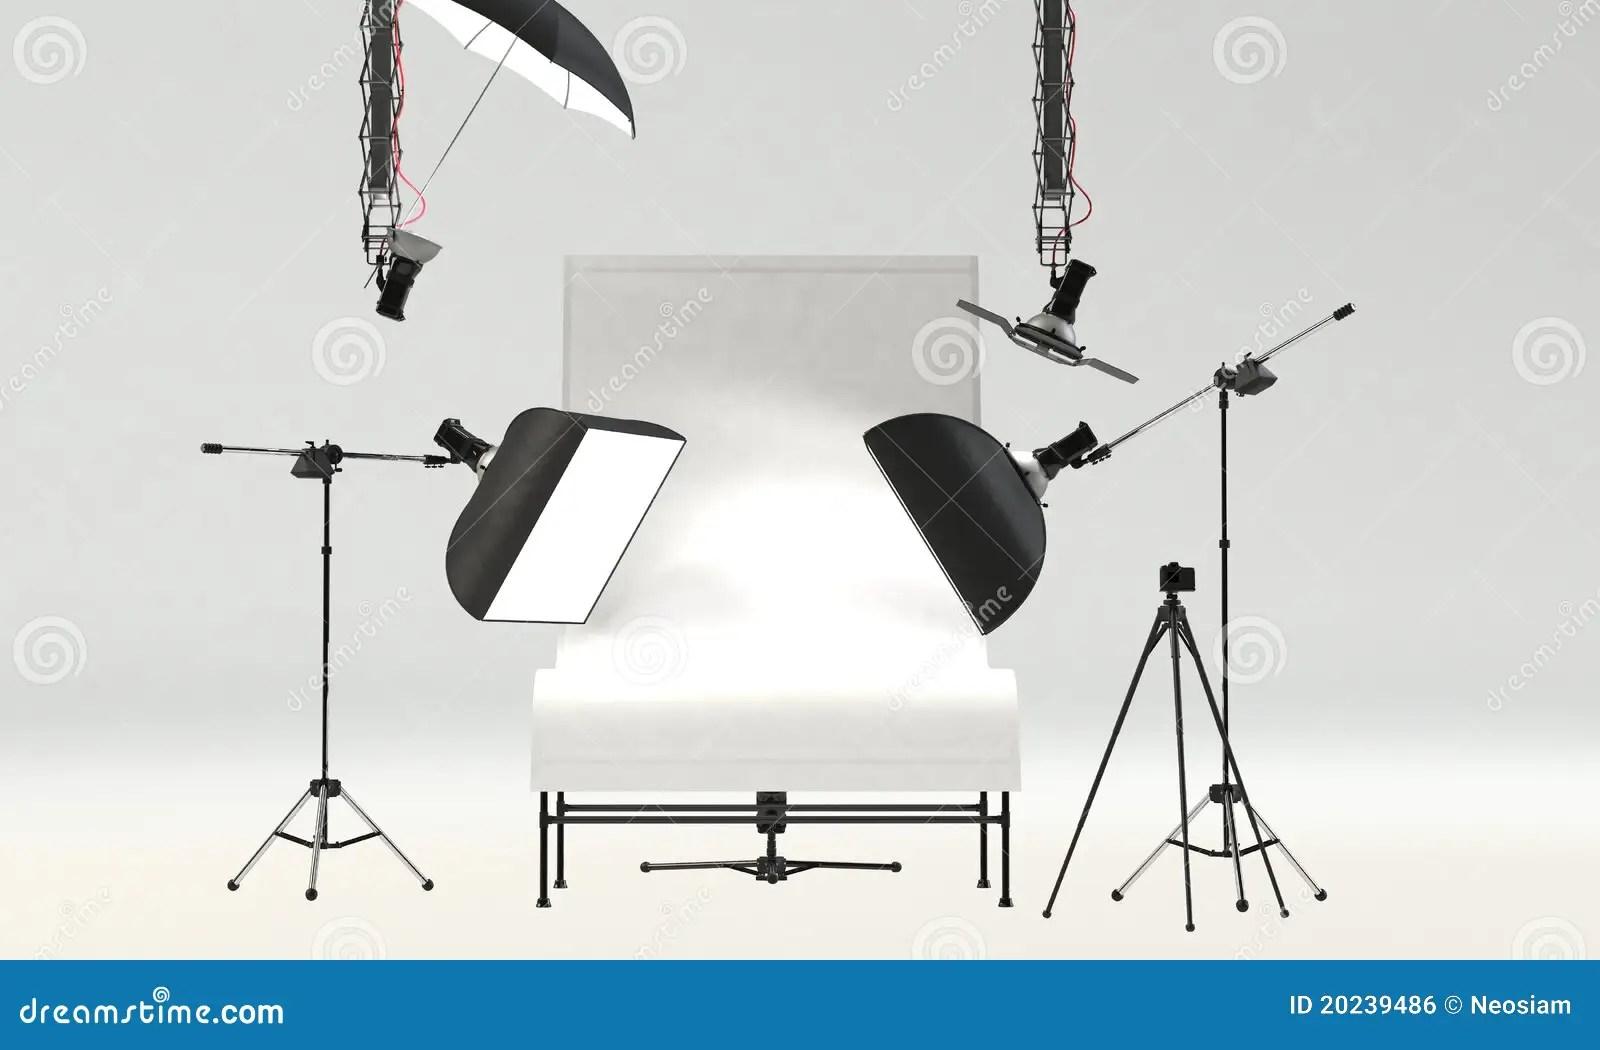 Portrait Lighting Studio Setup